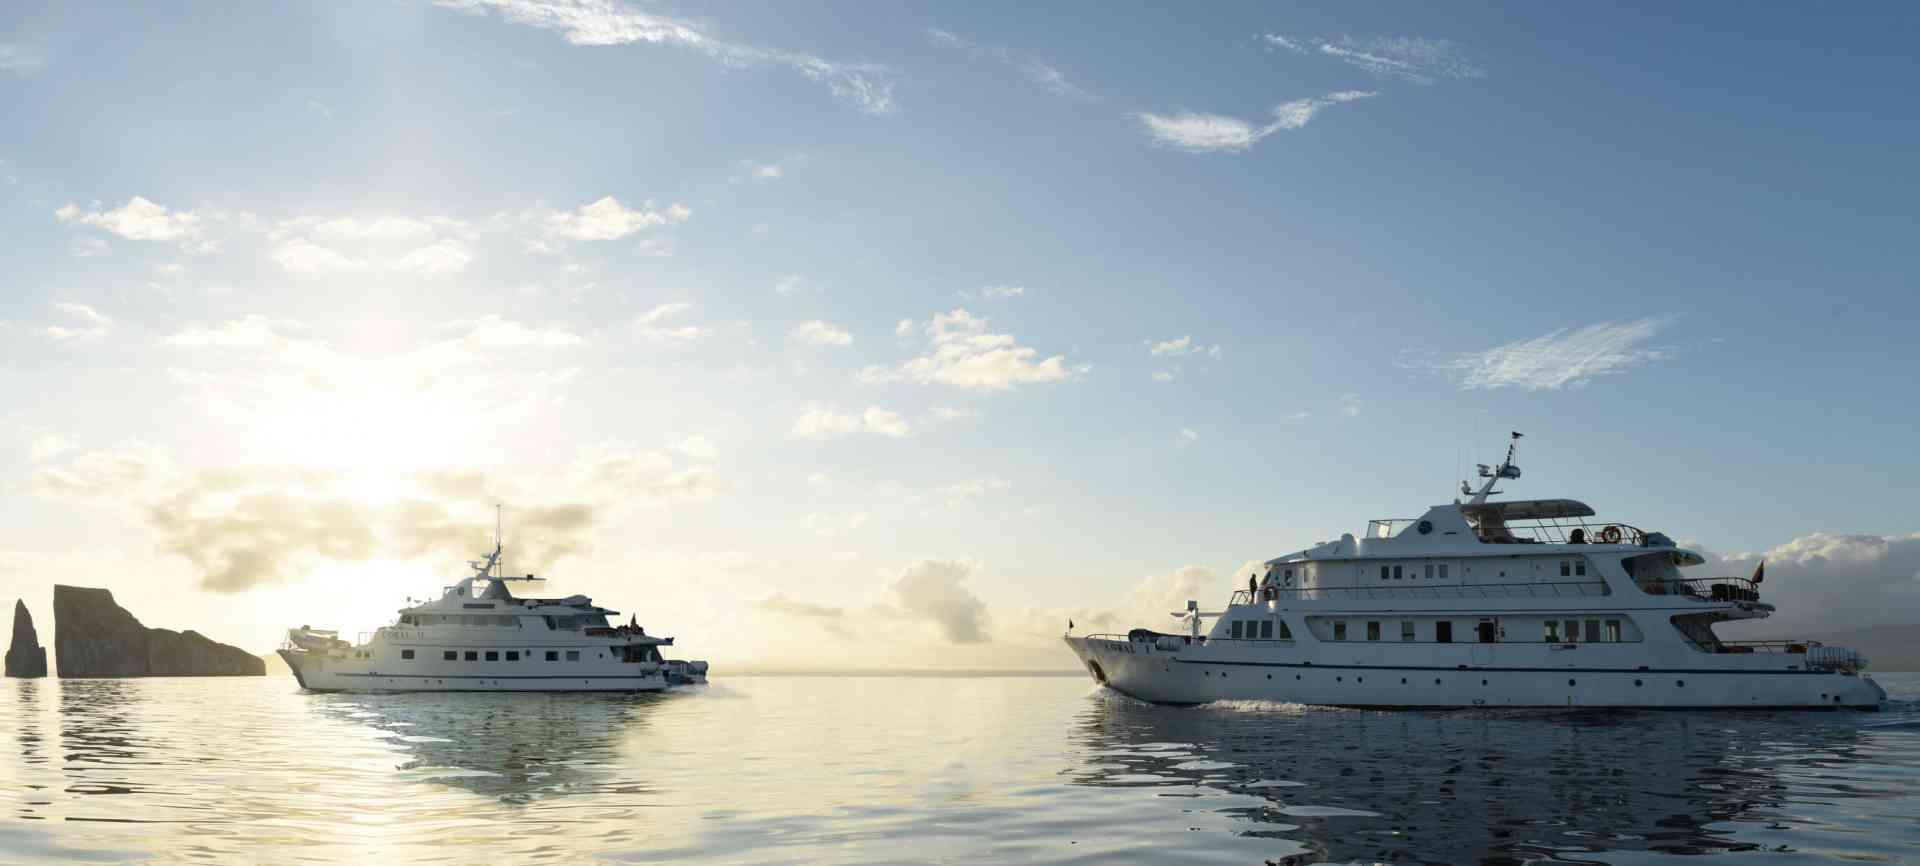 Coral I & II yachts at sunset, Galapagos, Ecuador